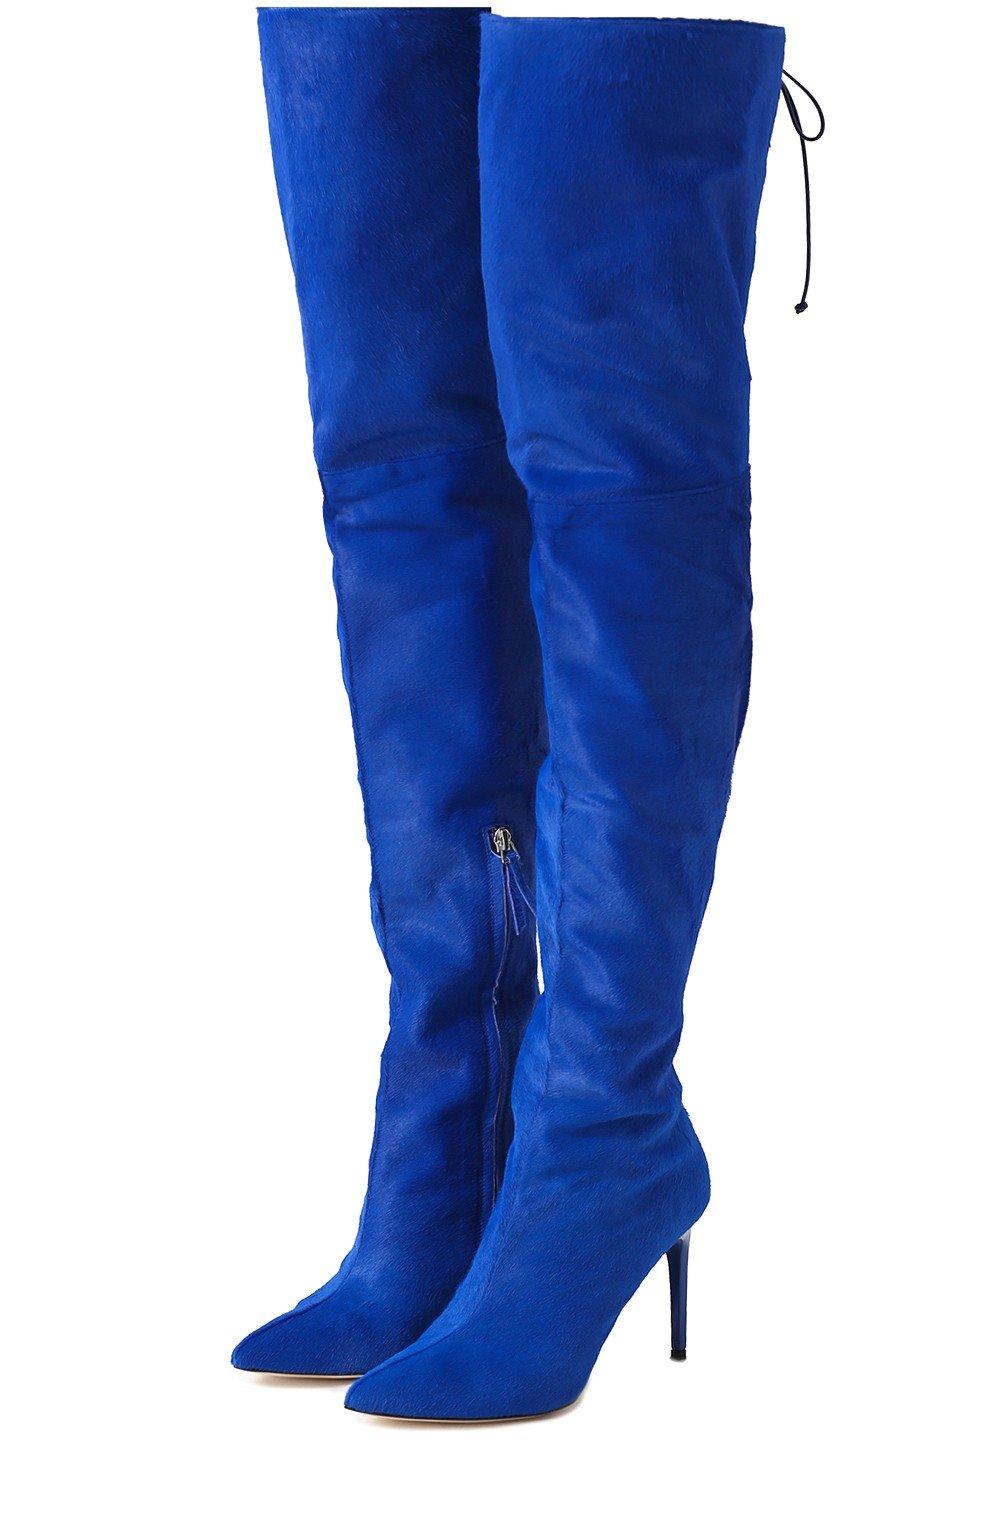 высокие синие сапоги-чулки на шпильке мода весны 2018